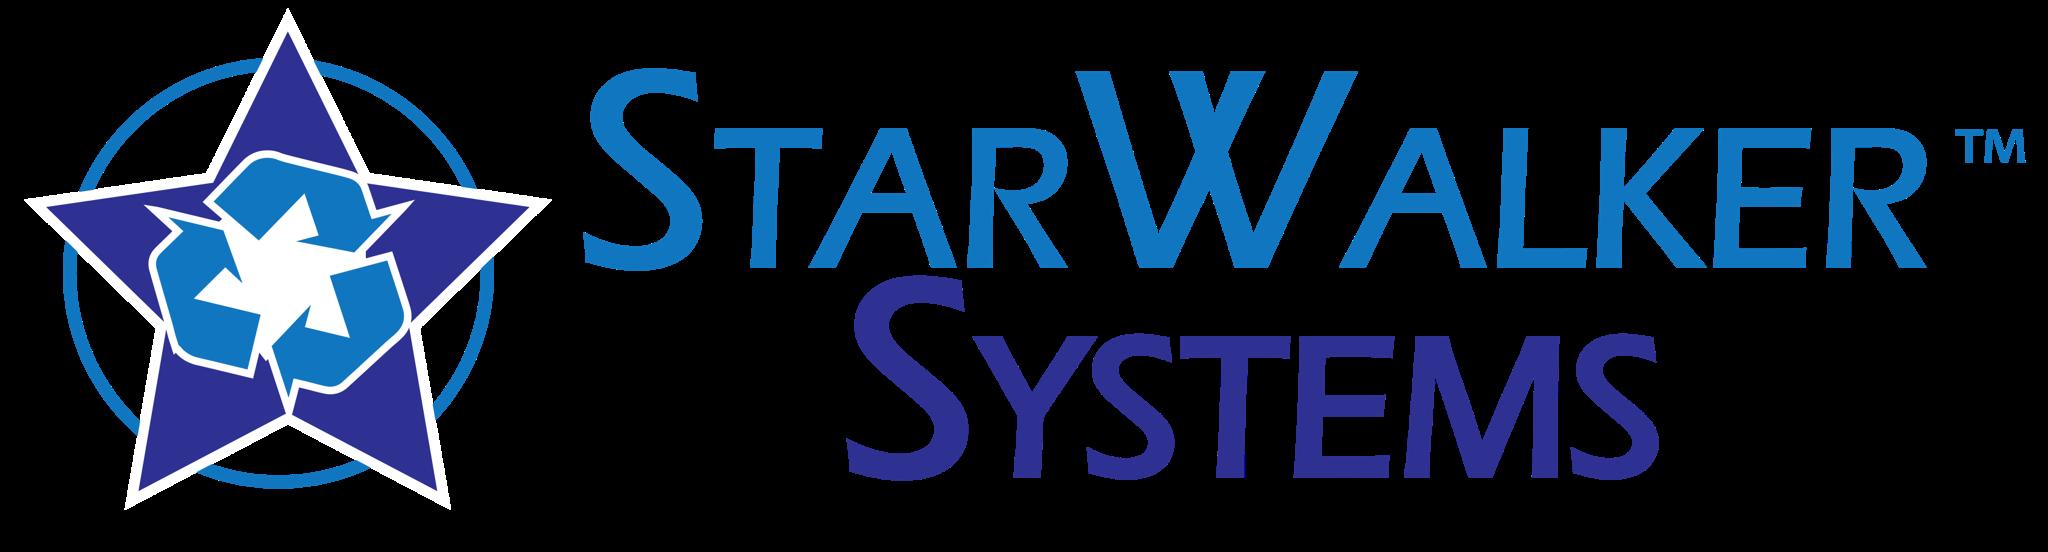 StarWalker Systems